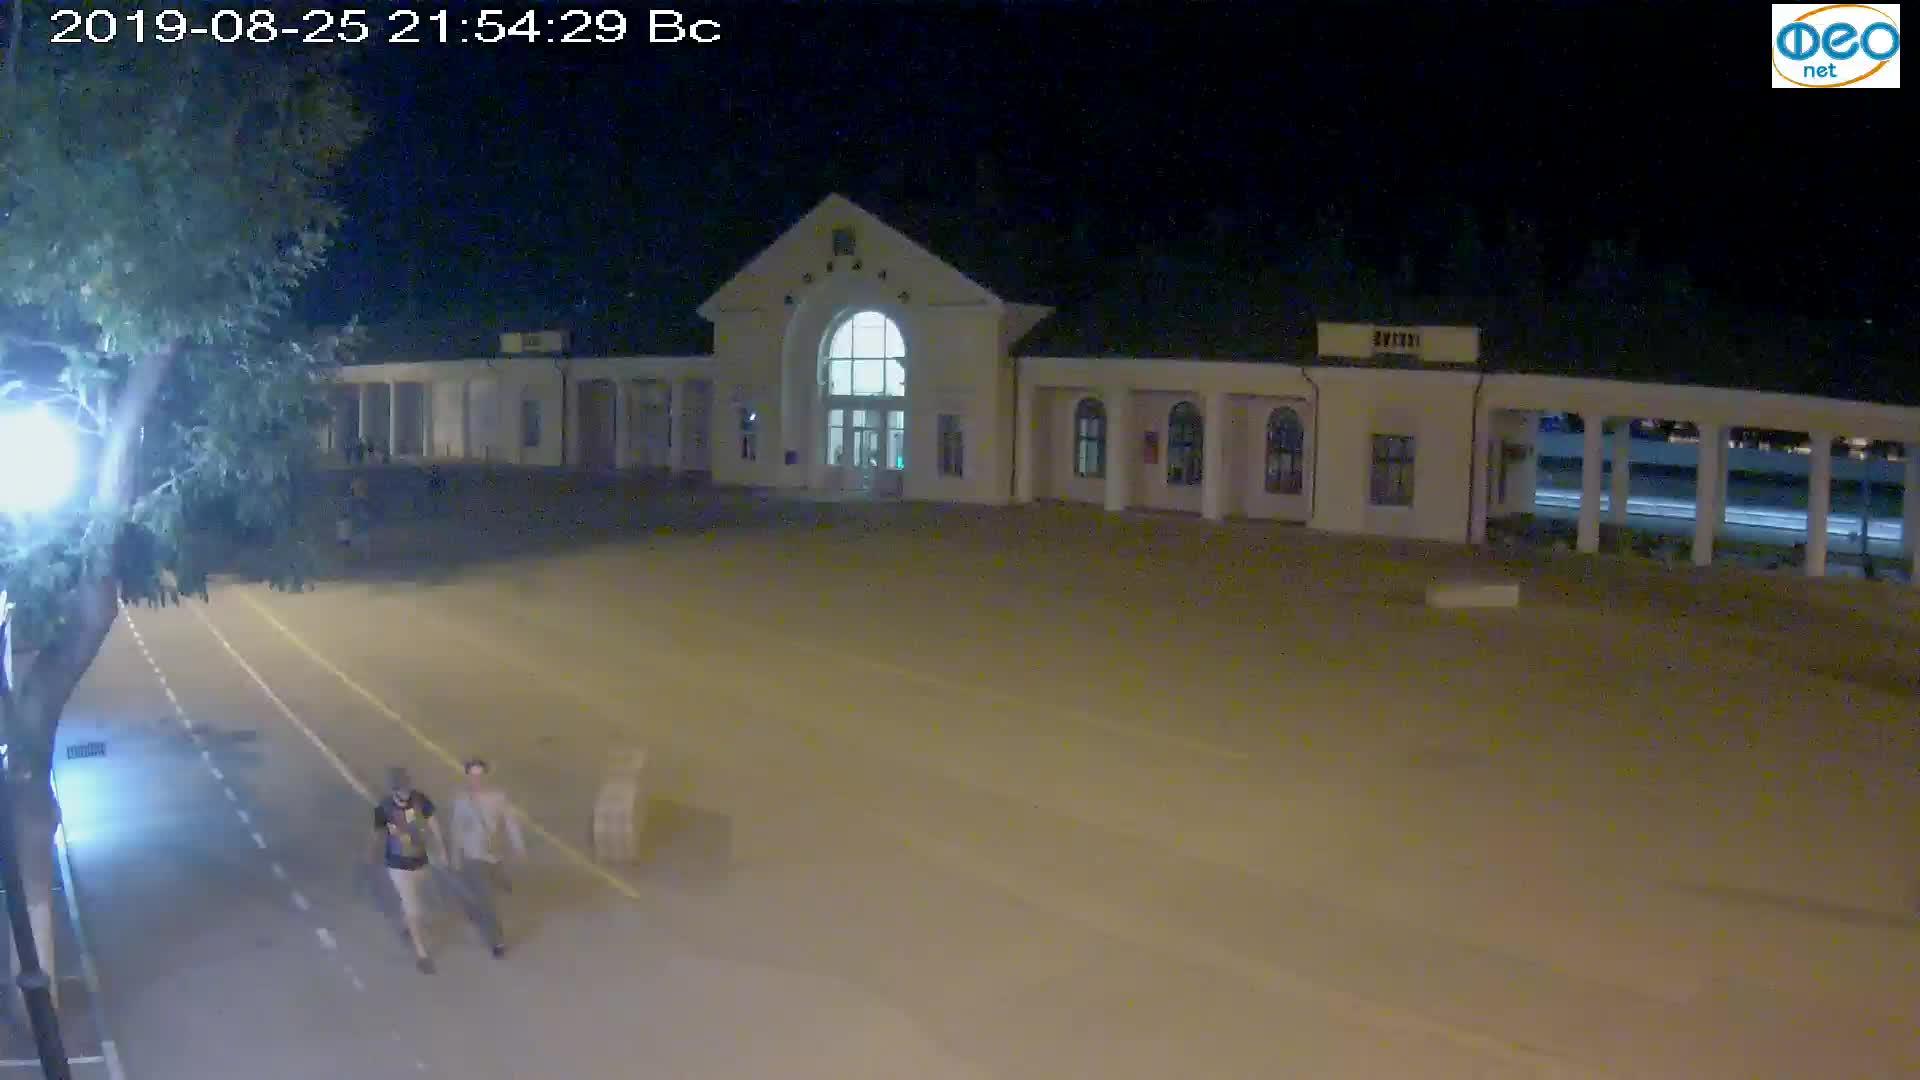 Веб-камеры Феодосии, Привокзальная площадь, 2019-08-25 22:10:06